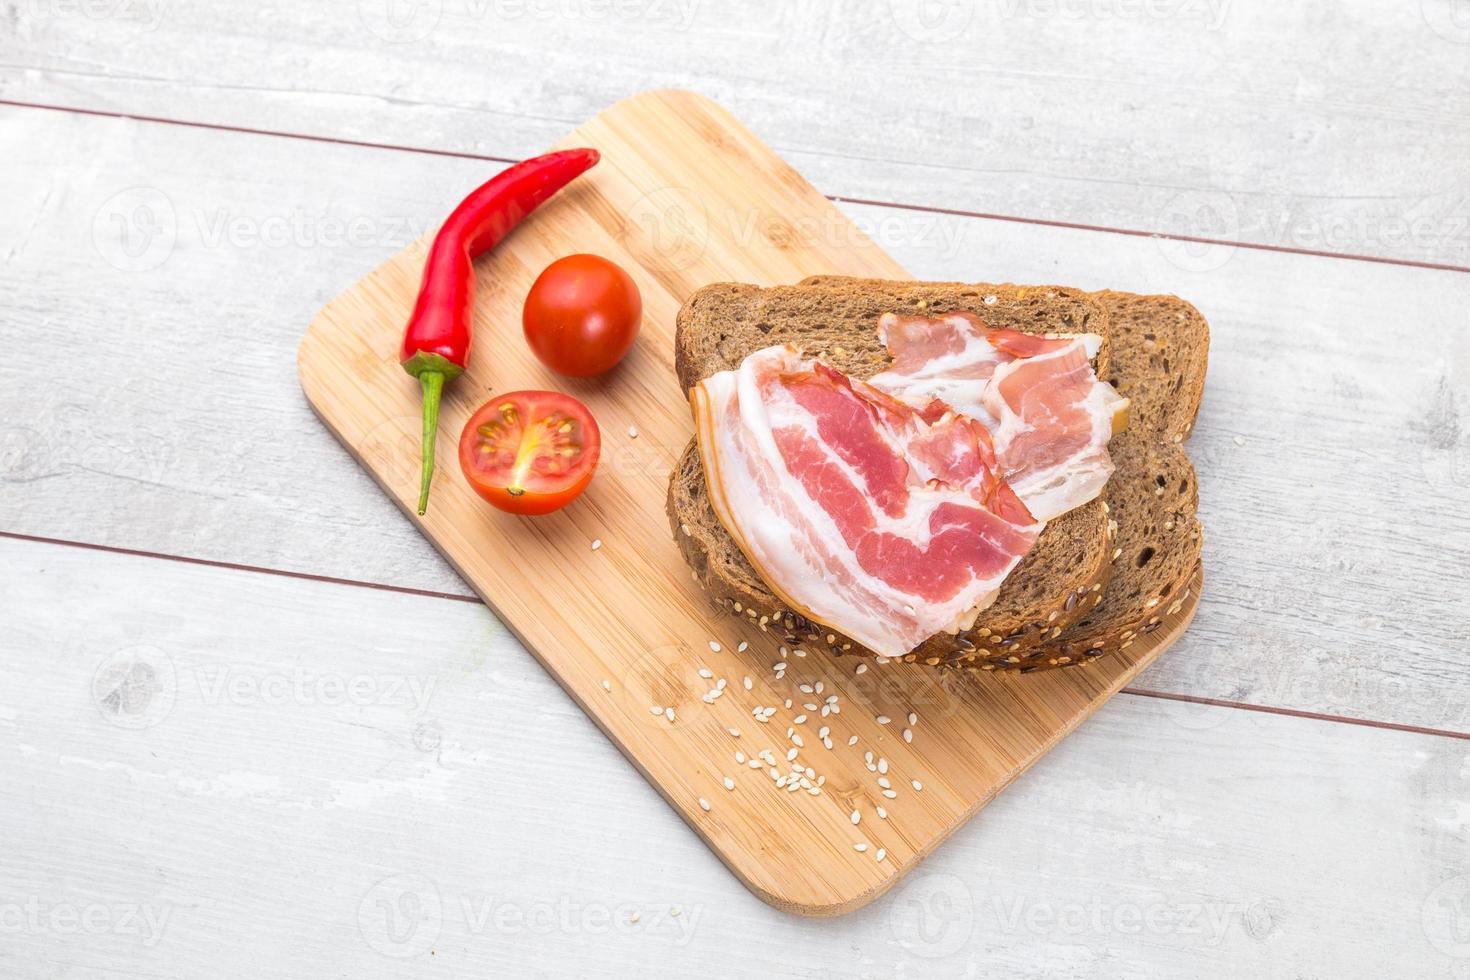 tomate, toasts, viande sur table en bois photo